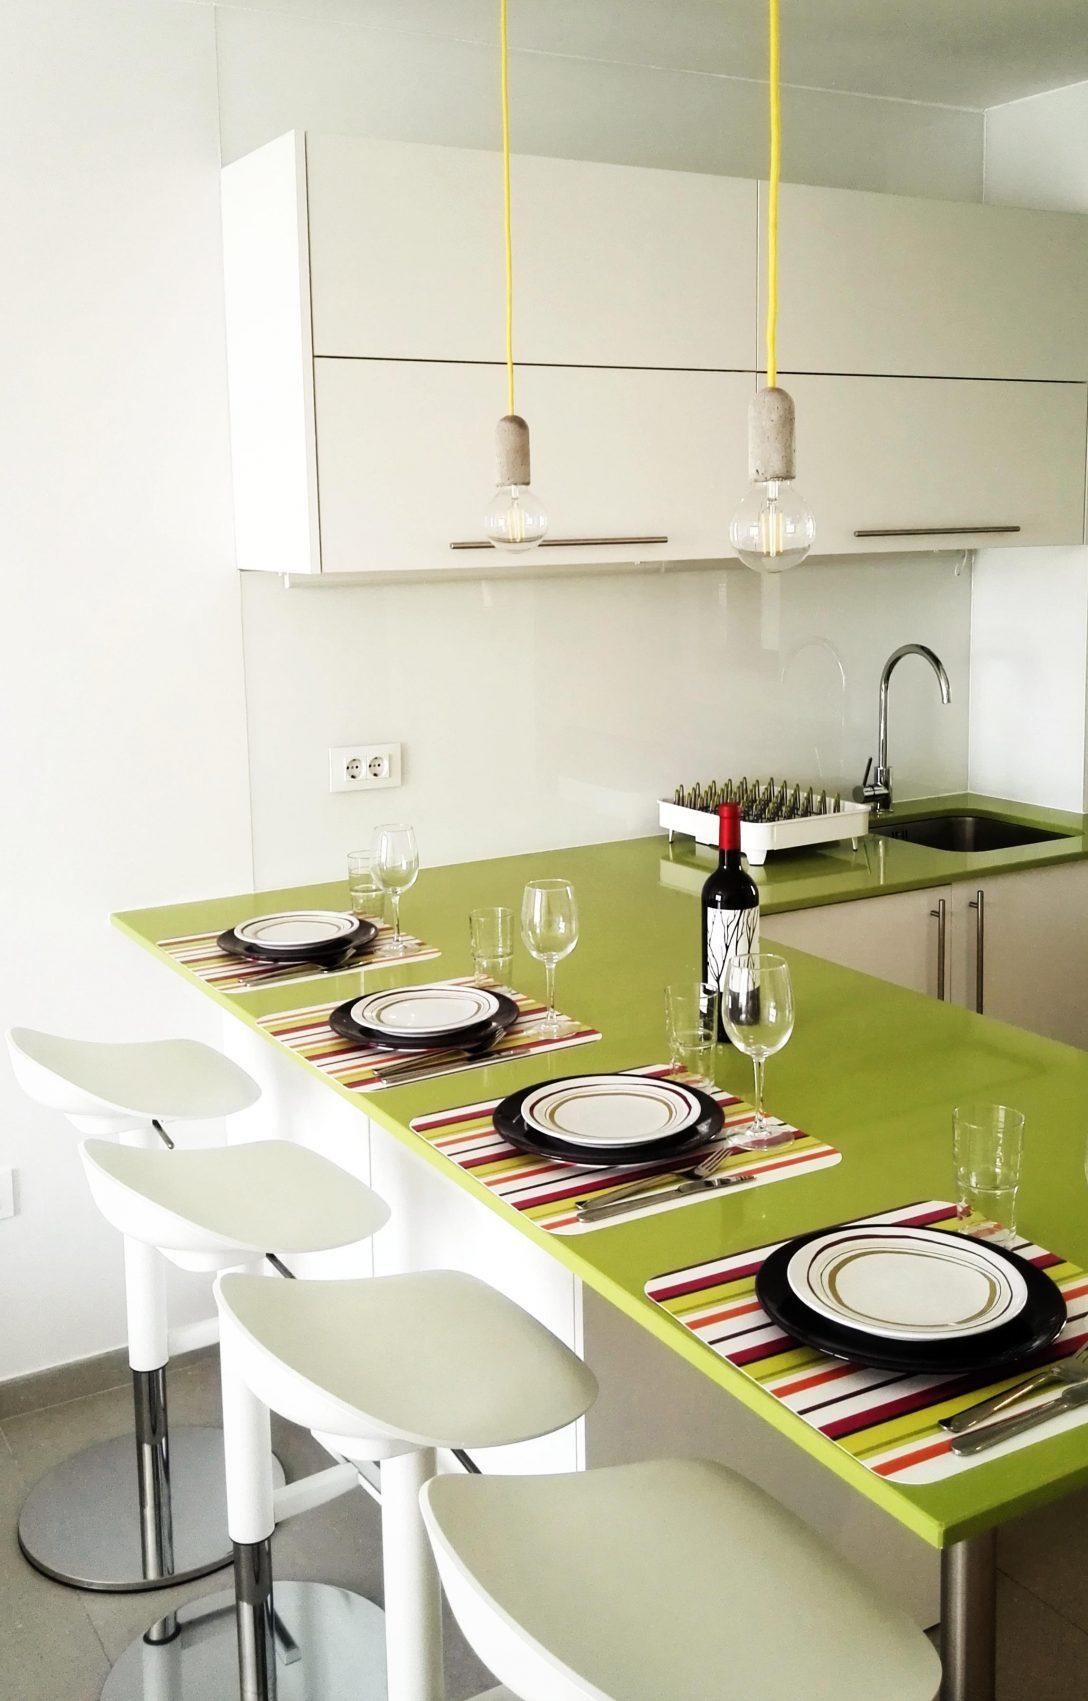 Large Size of Küche Einrichten Ohne Einbauküche Küche Einrichten Mit Wenig Geld Minimalistische Küche Einrichten Dunkle Küche Einrichten Küche Küche Einrichten